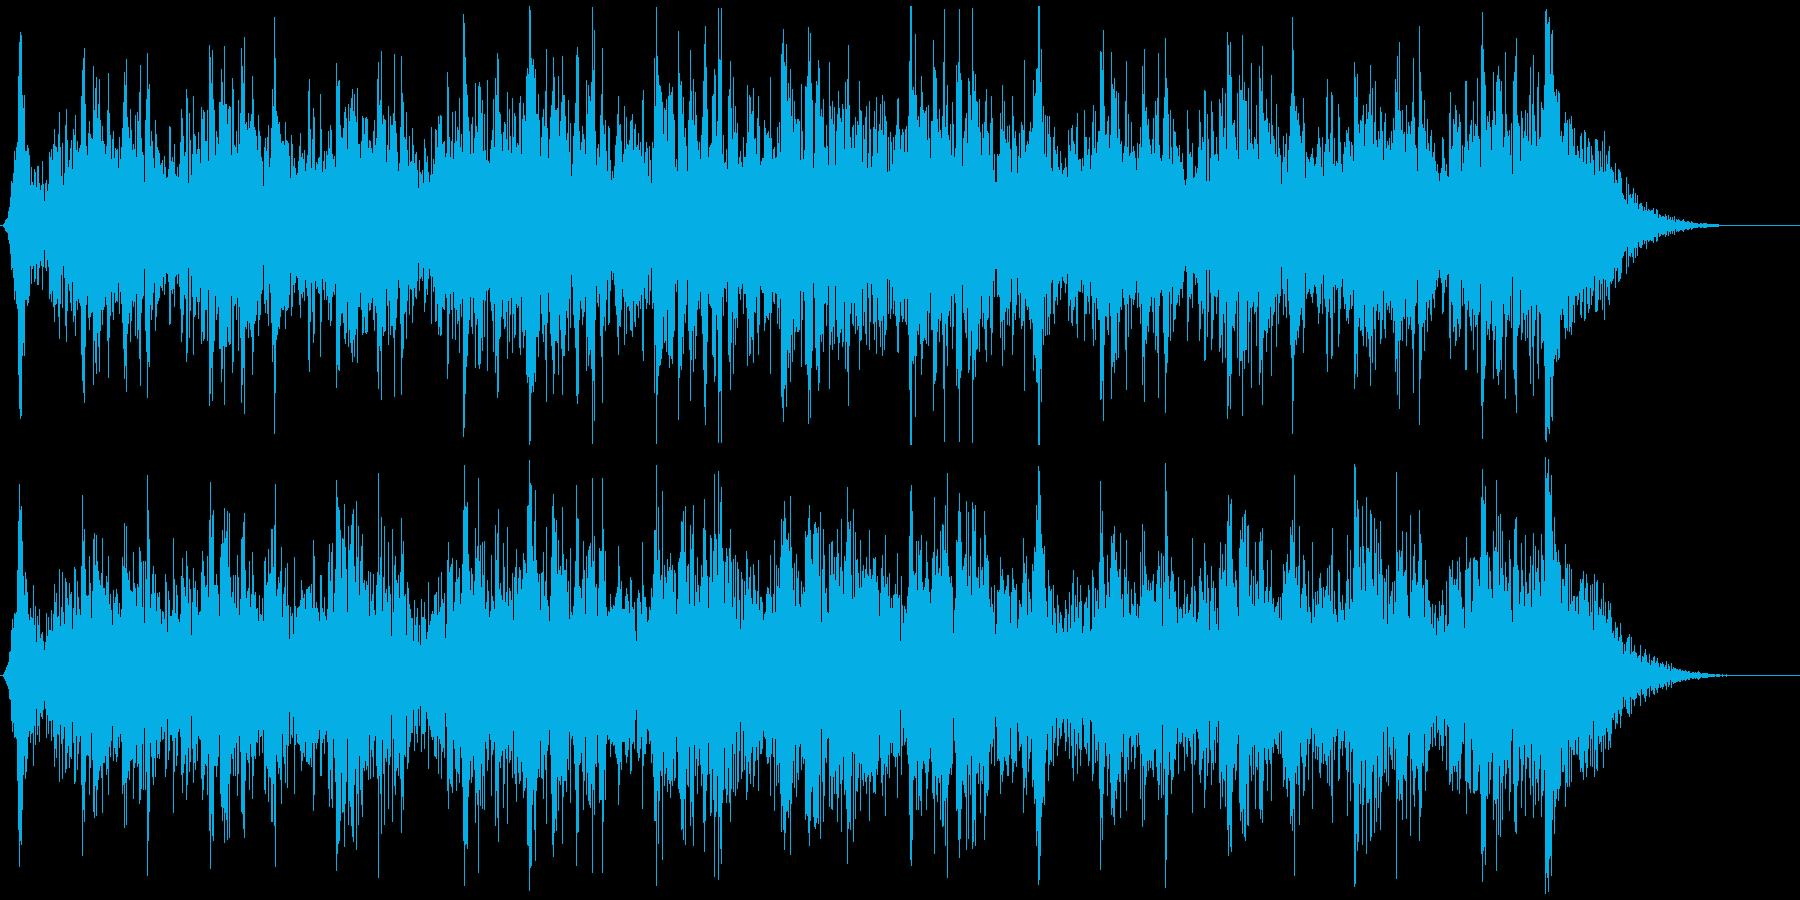 ハリウッド風トレイラー リズム主体09の再生済みの波形